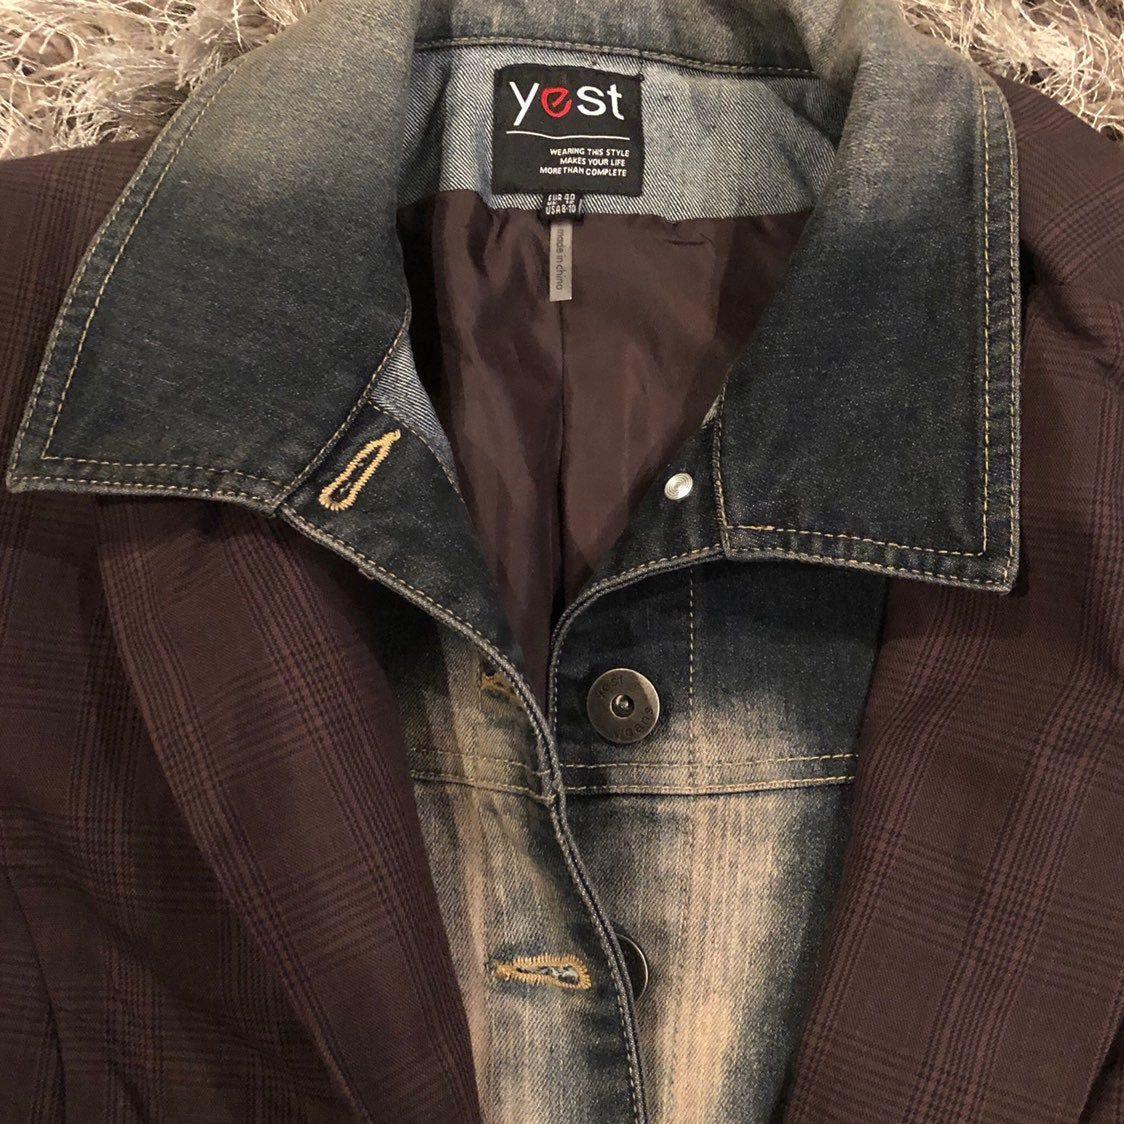 Yest Brown Blazer Jean Jacket Unique Mercari In 2020 Blazer With Jeans Brown Blazer Jean Jacket Blazer [ jpg ]